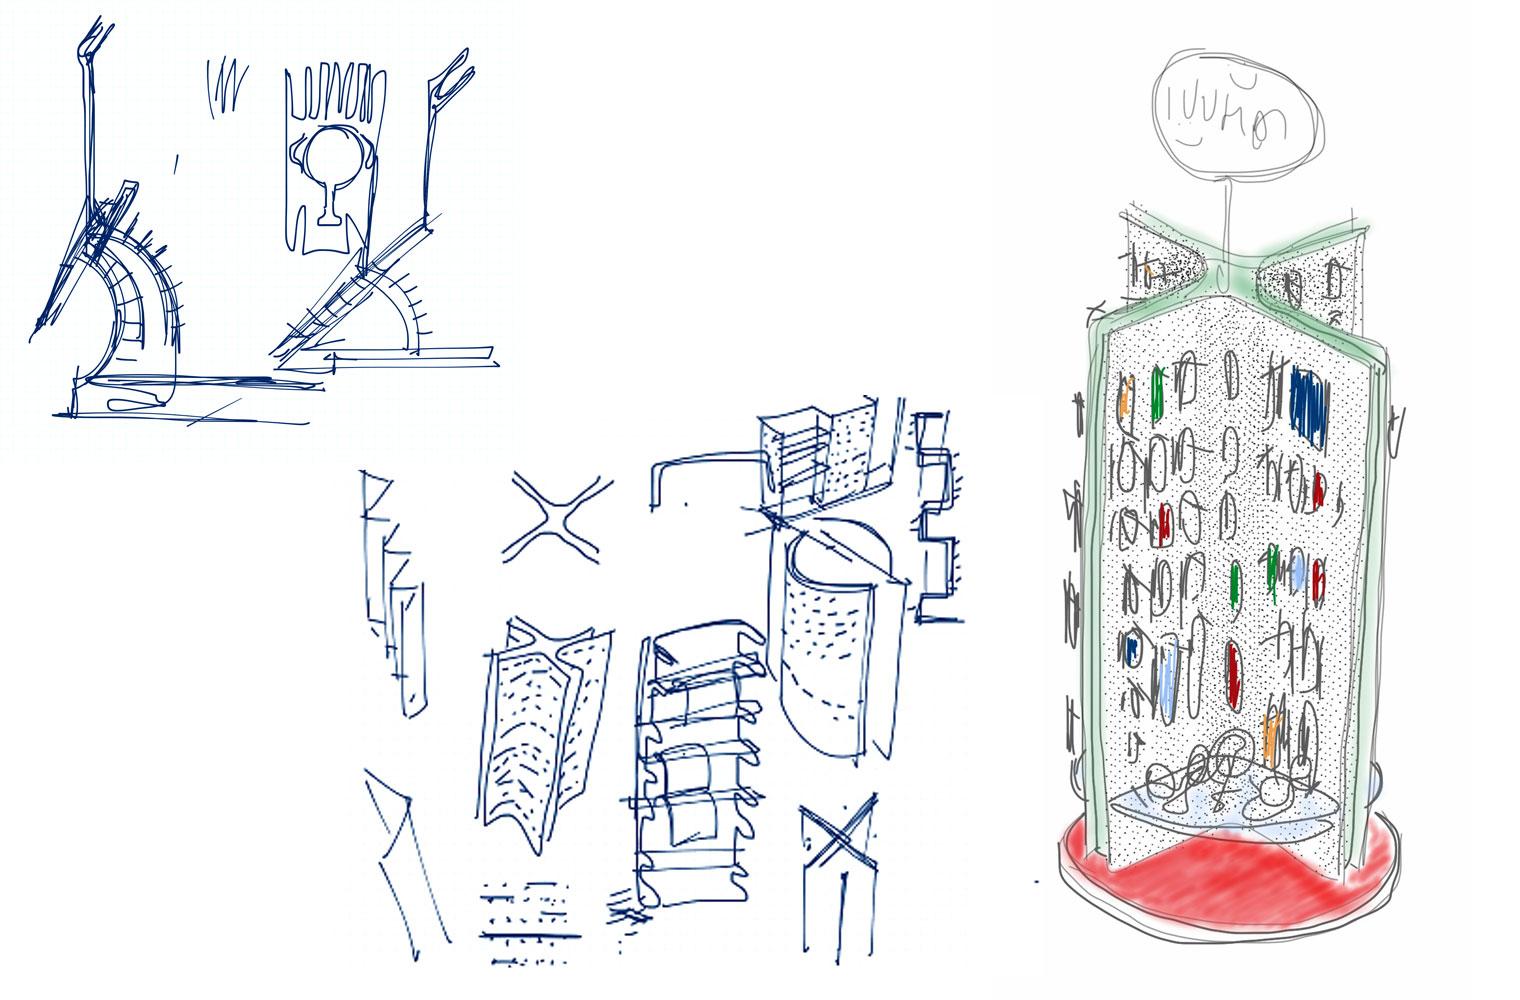 Bambara - OR Tambo, Concept Sketch